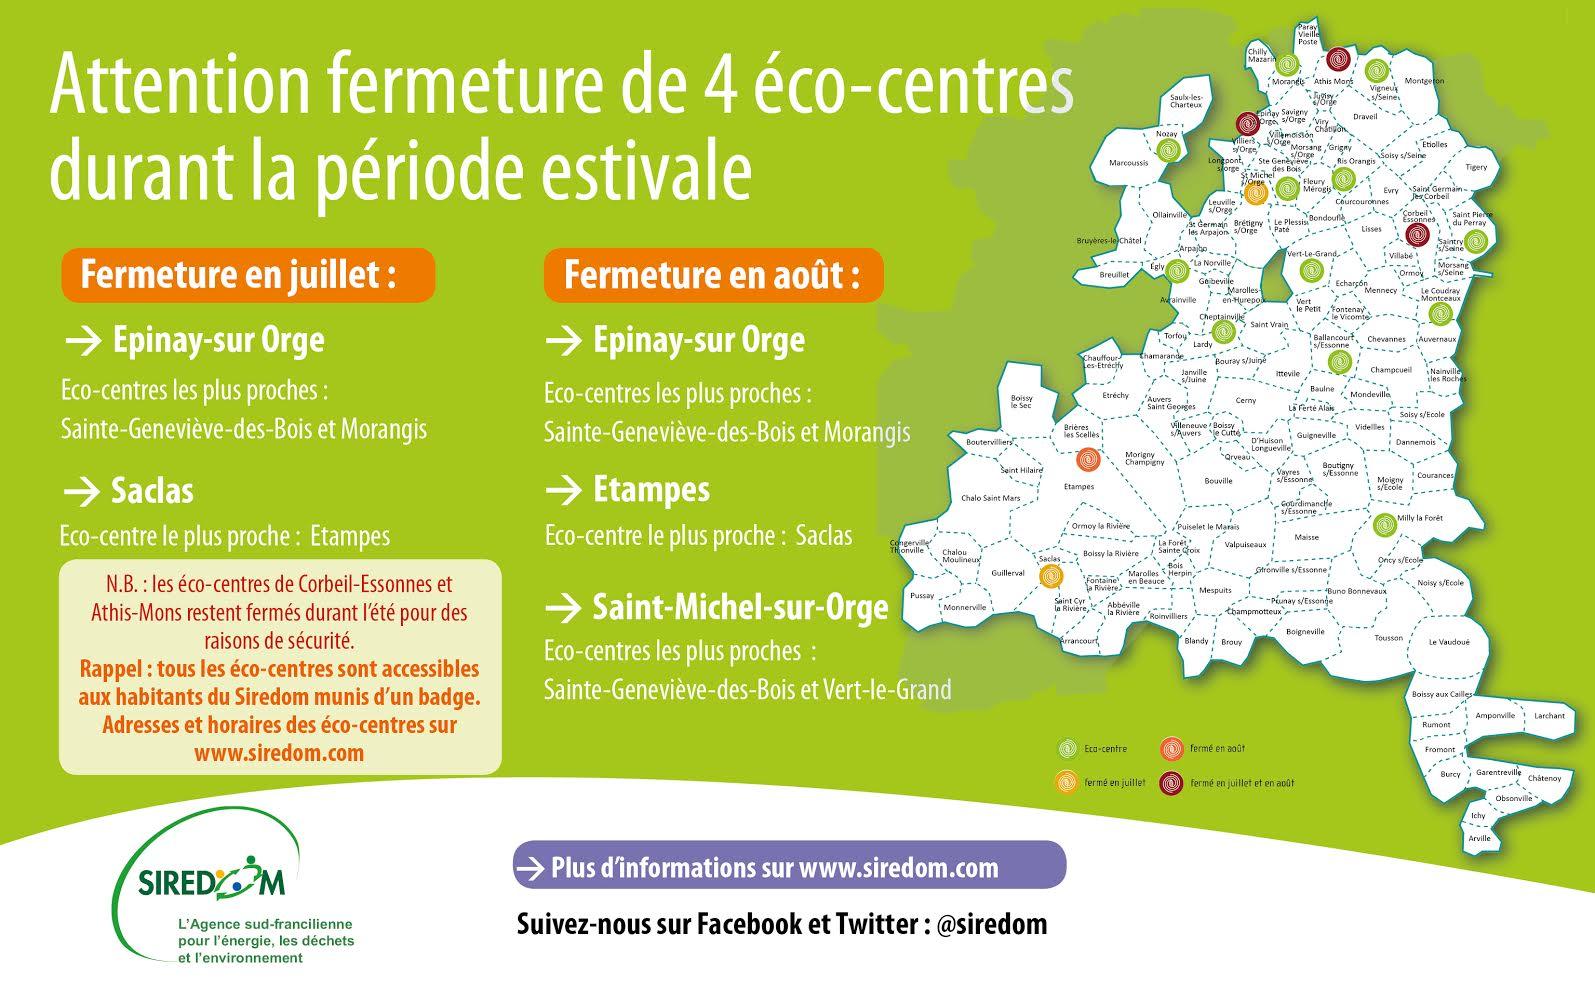 fermeture-eco-centre-brieres-ete-2017